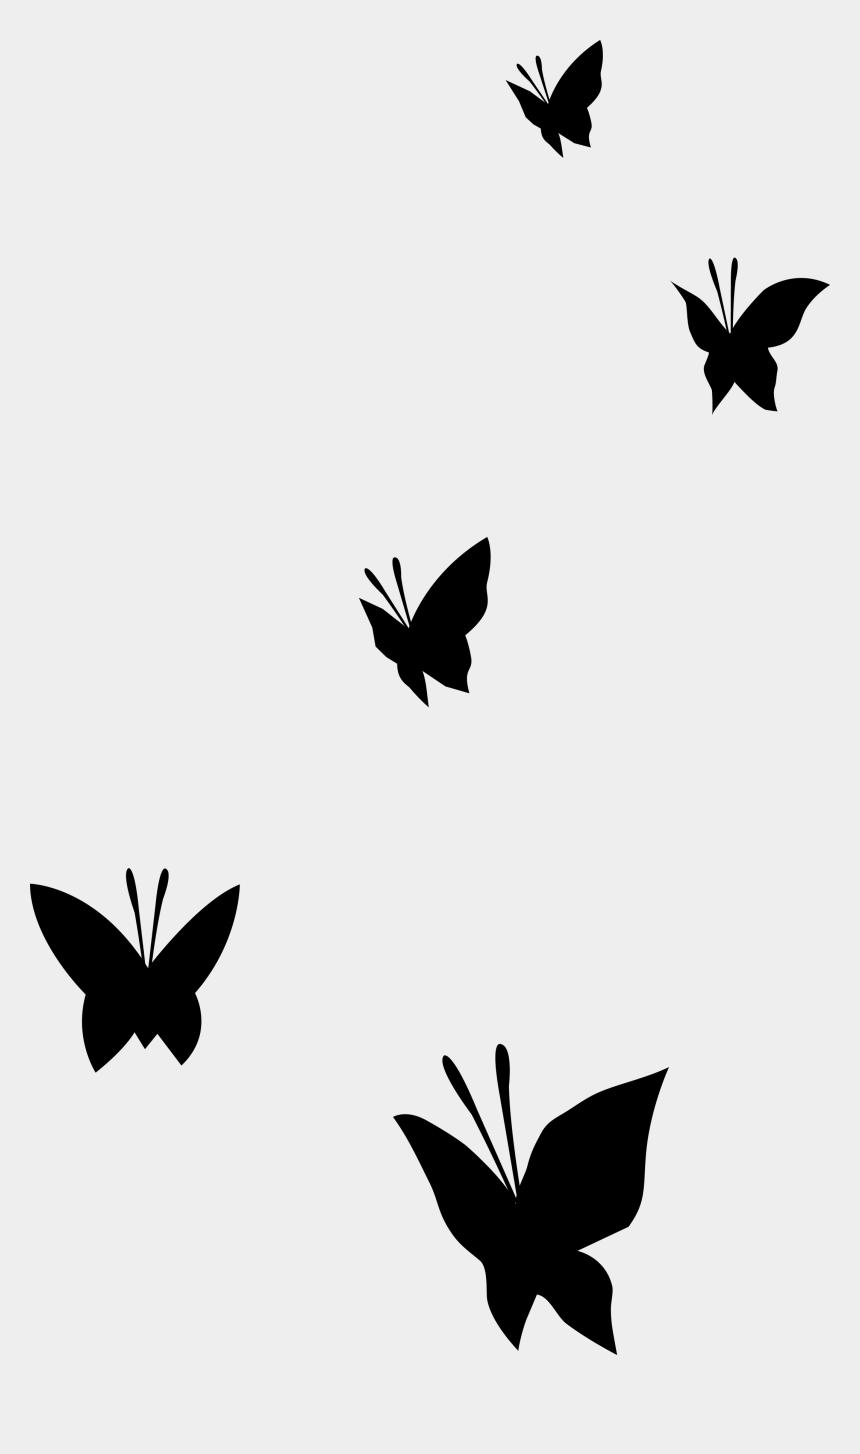 monarch clip art, Cartoons - Monarch Butterfly Clip Art Drum Brush-footed Butterflies - Swallowtail Butterfly